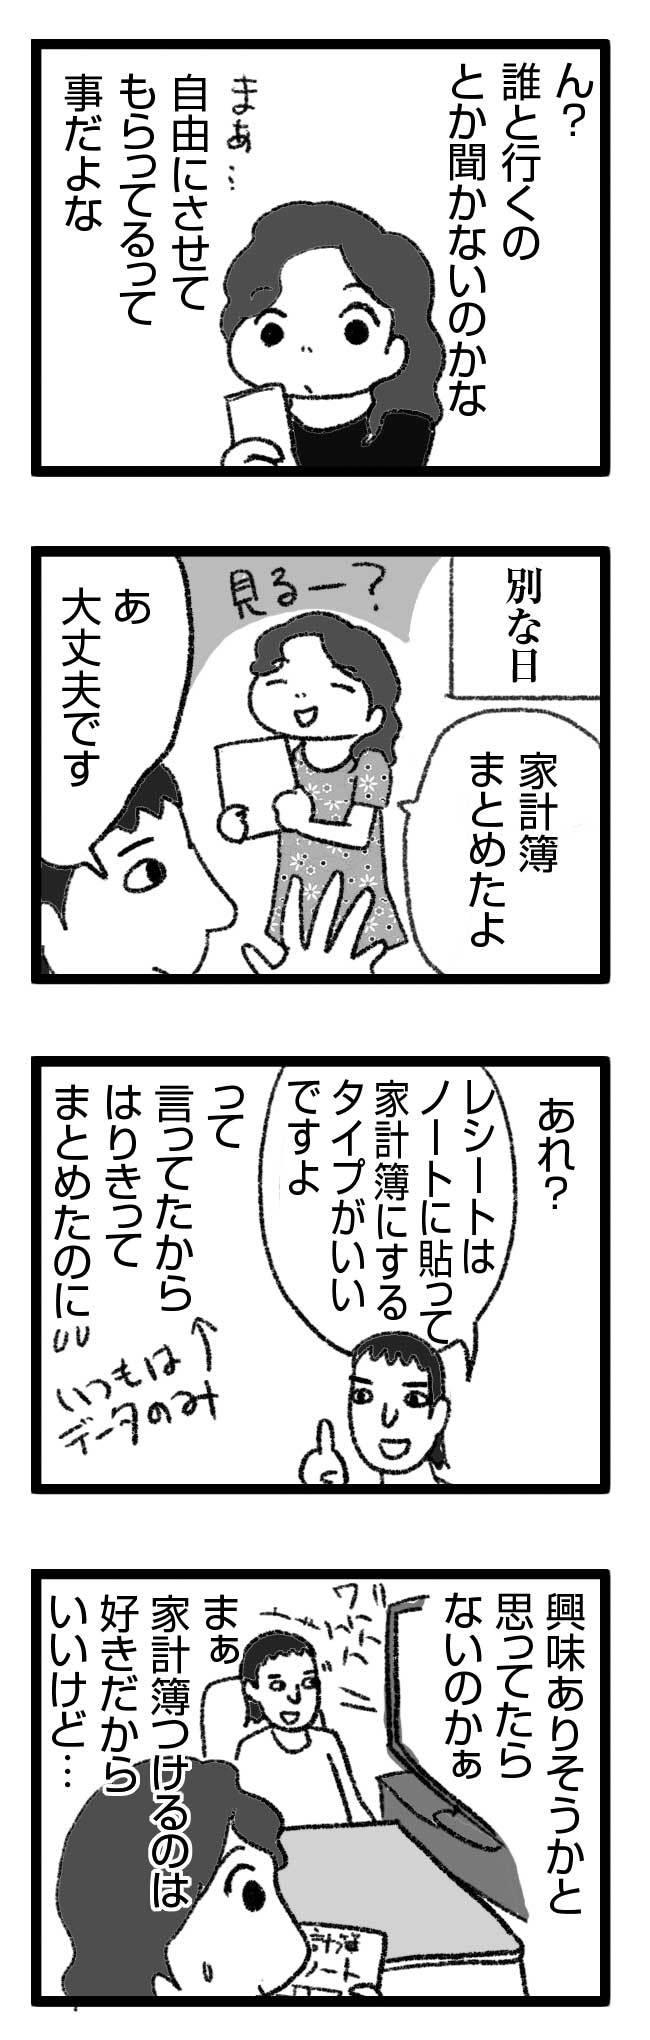 243 君への興味1_2 結婚 レス セックスレス 友達 家族 告白 プライド まんが 漫画 マンガ